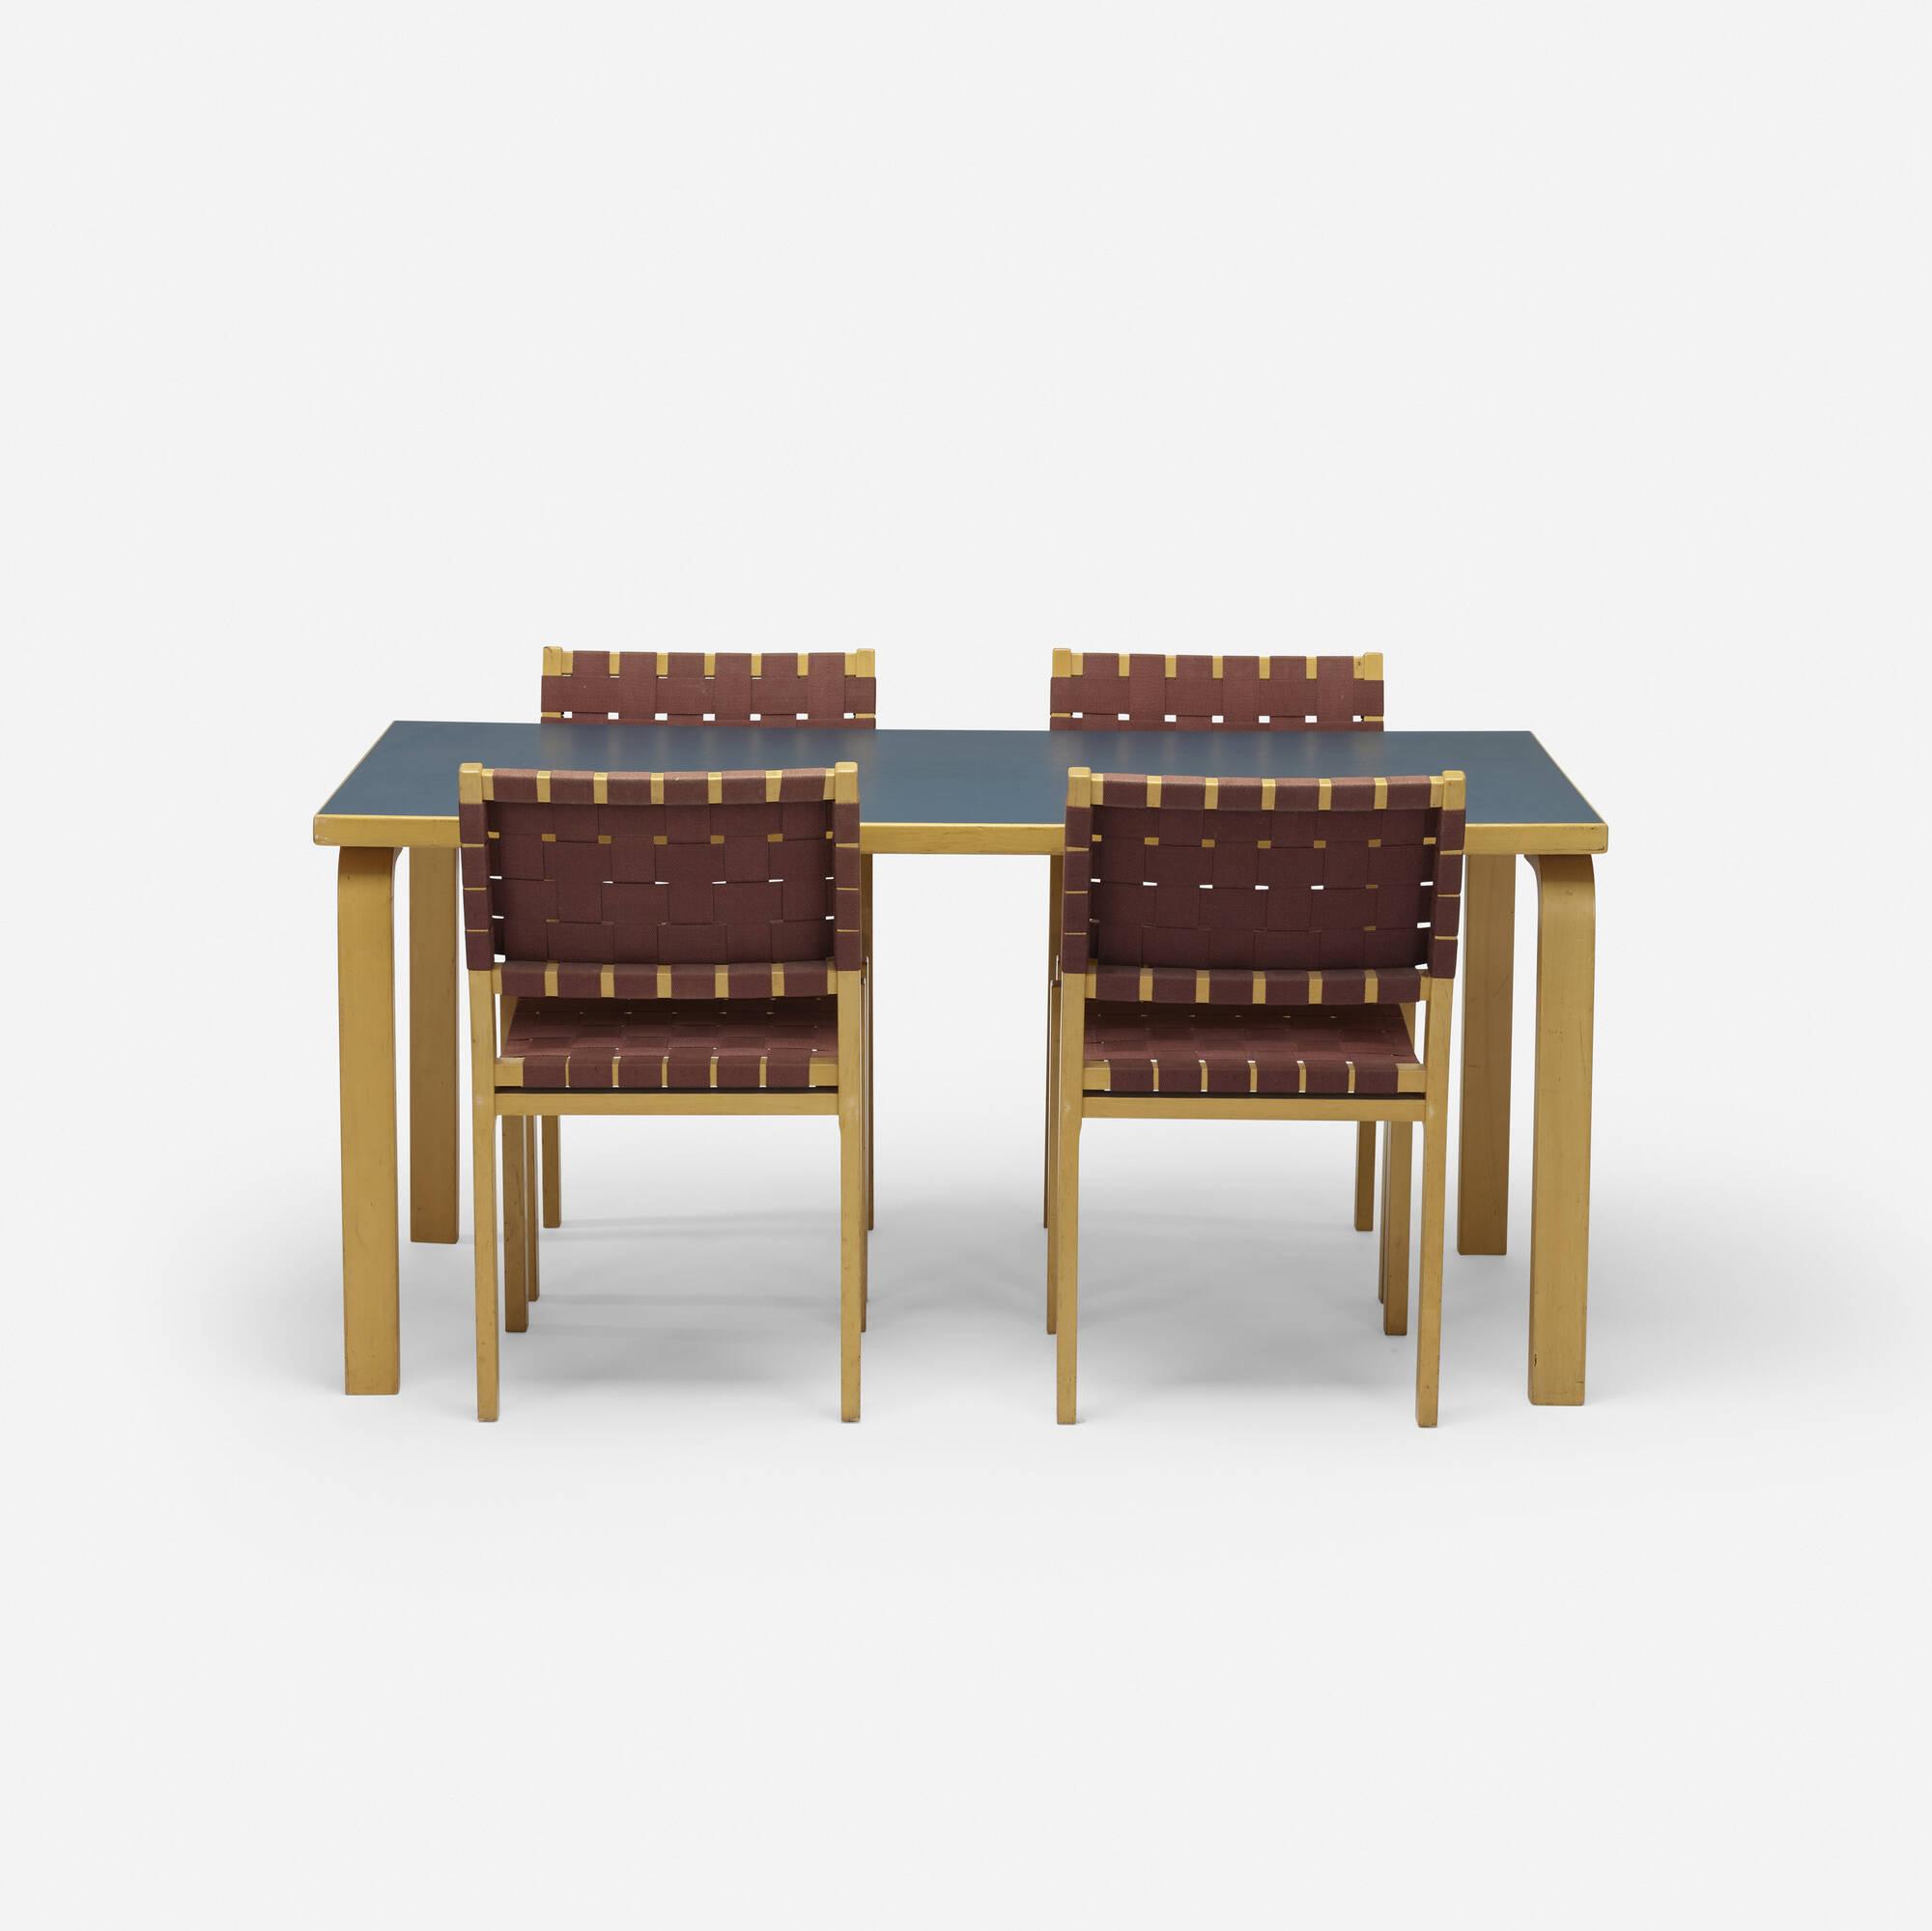 101: Alvar Aalto / dining set (2 of 2)